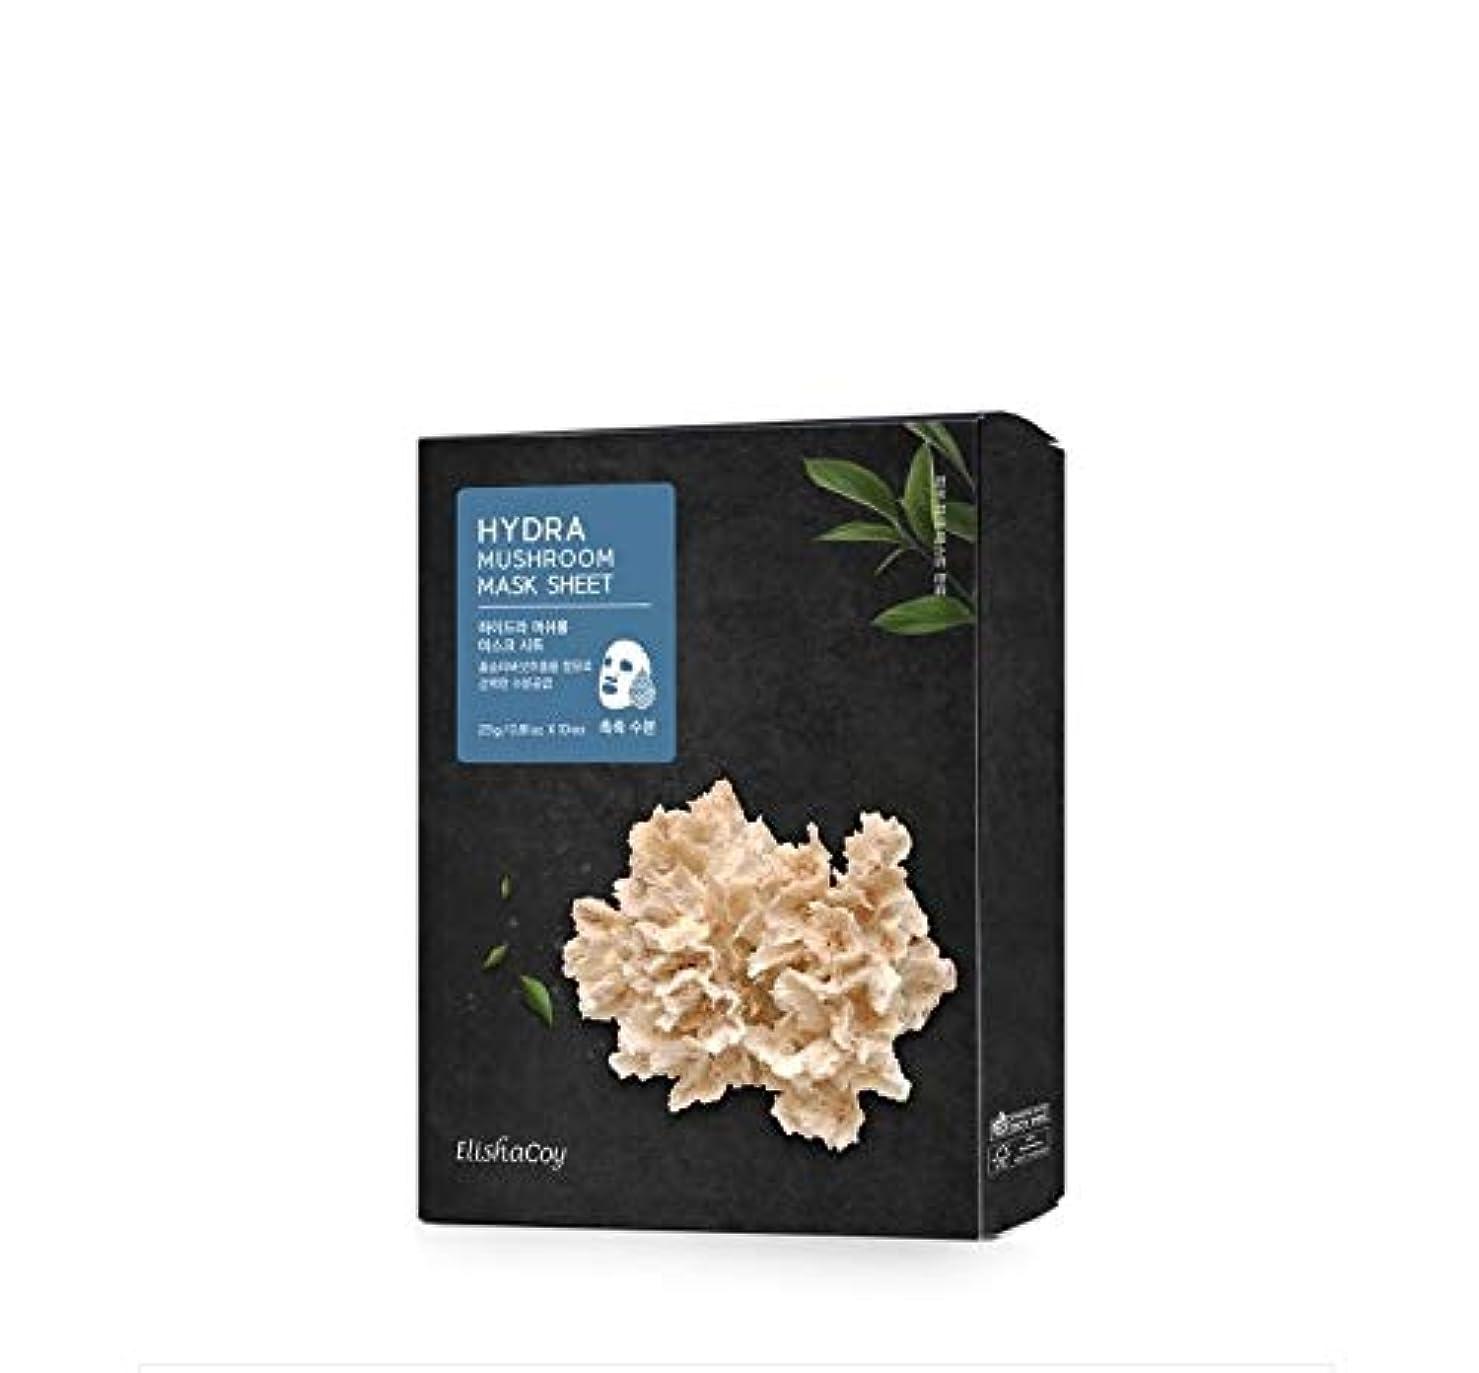 摘む順応性ネックレットElishacoy HYDRA MUSHROOM MASK SHEET (10ea) アリシアこいヒドラキノコマスクシート 韓国の人気商品 Korean Beauty Cosmetics Womens